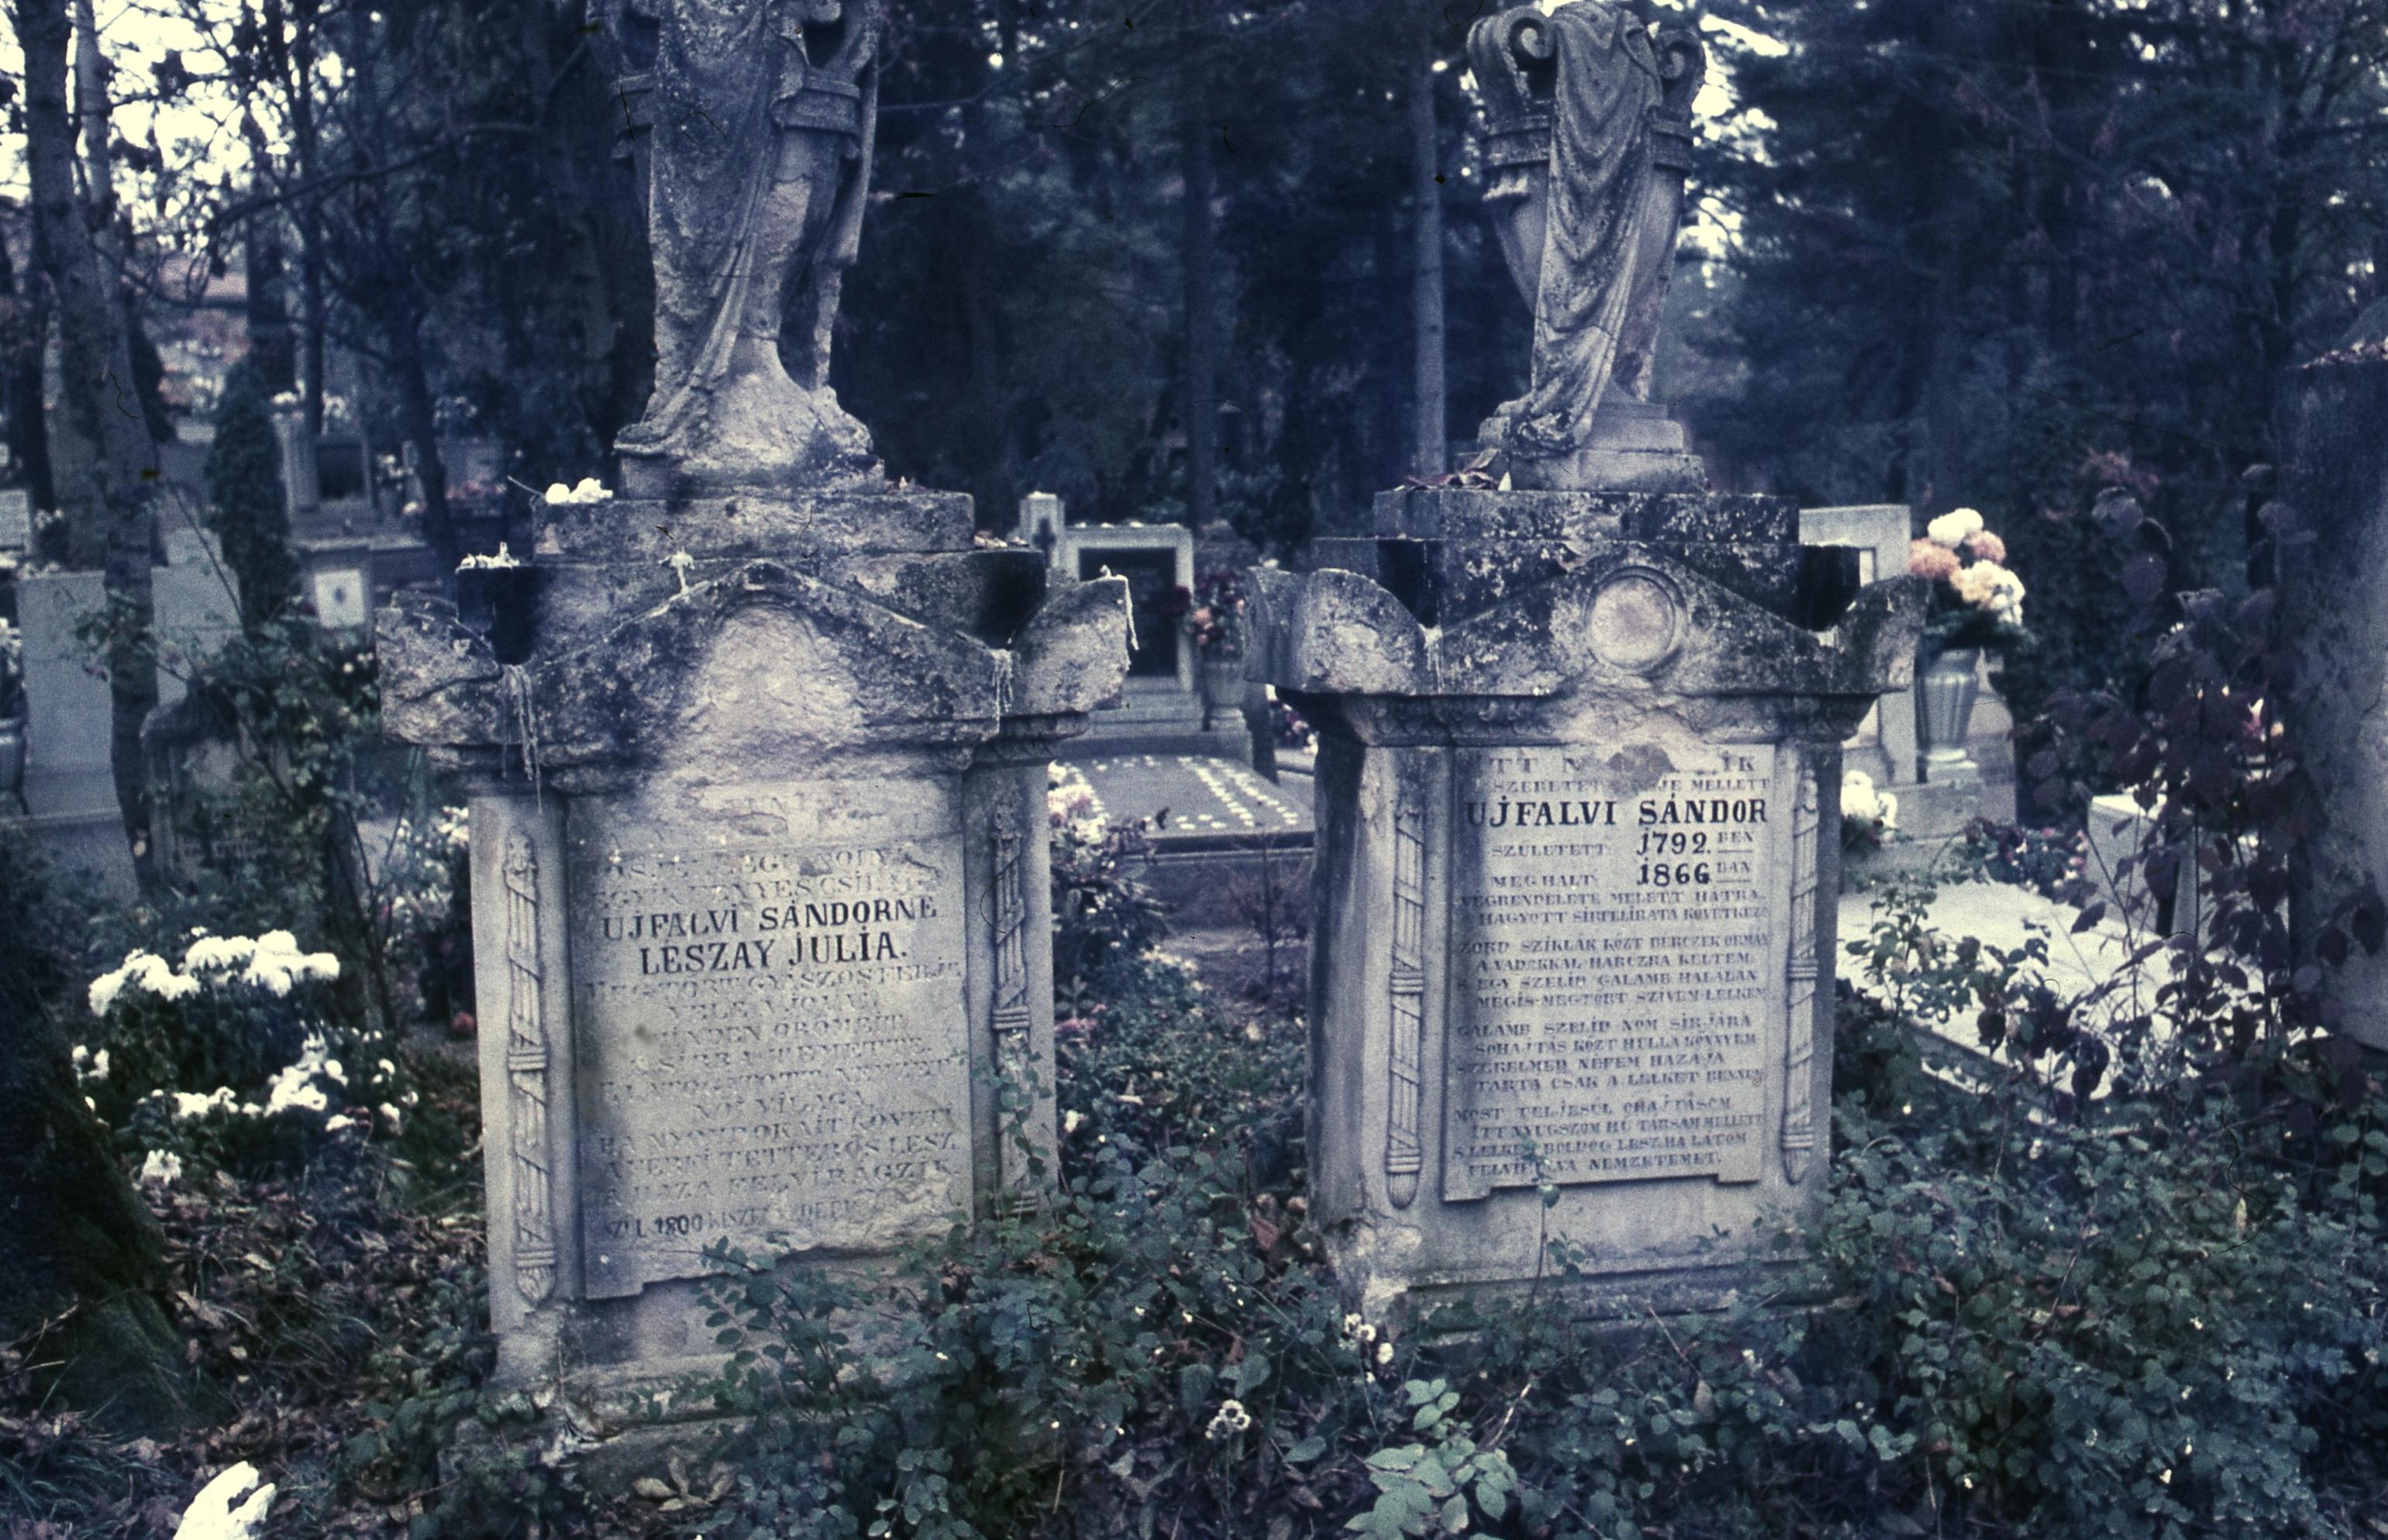 fb7167b6dabc Újfalvi Sándor vadász, az első magyar vadászkönyv szerzőjének sírja.  Fortepan 31839.jpg